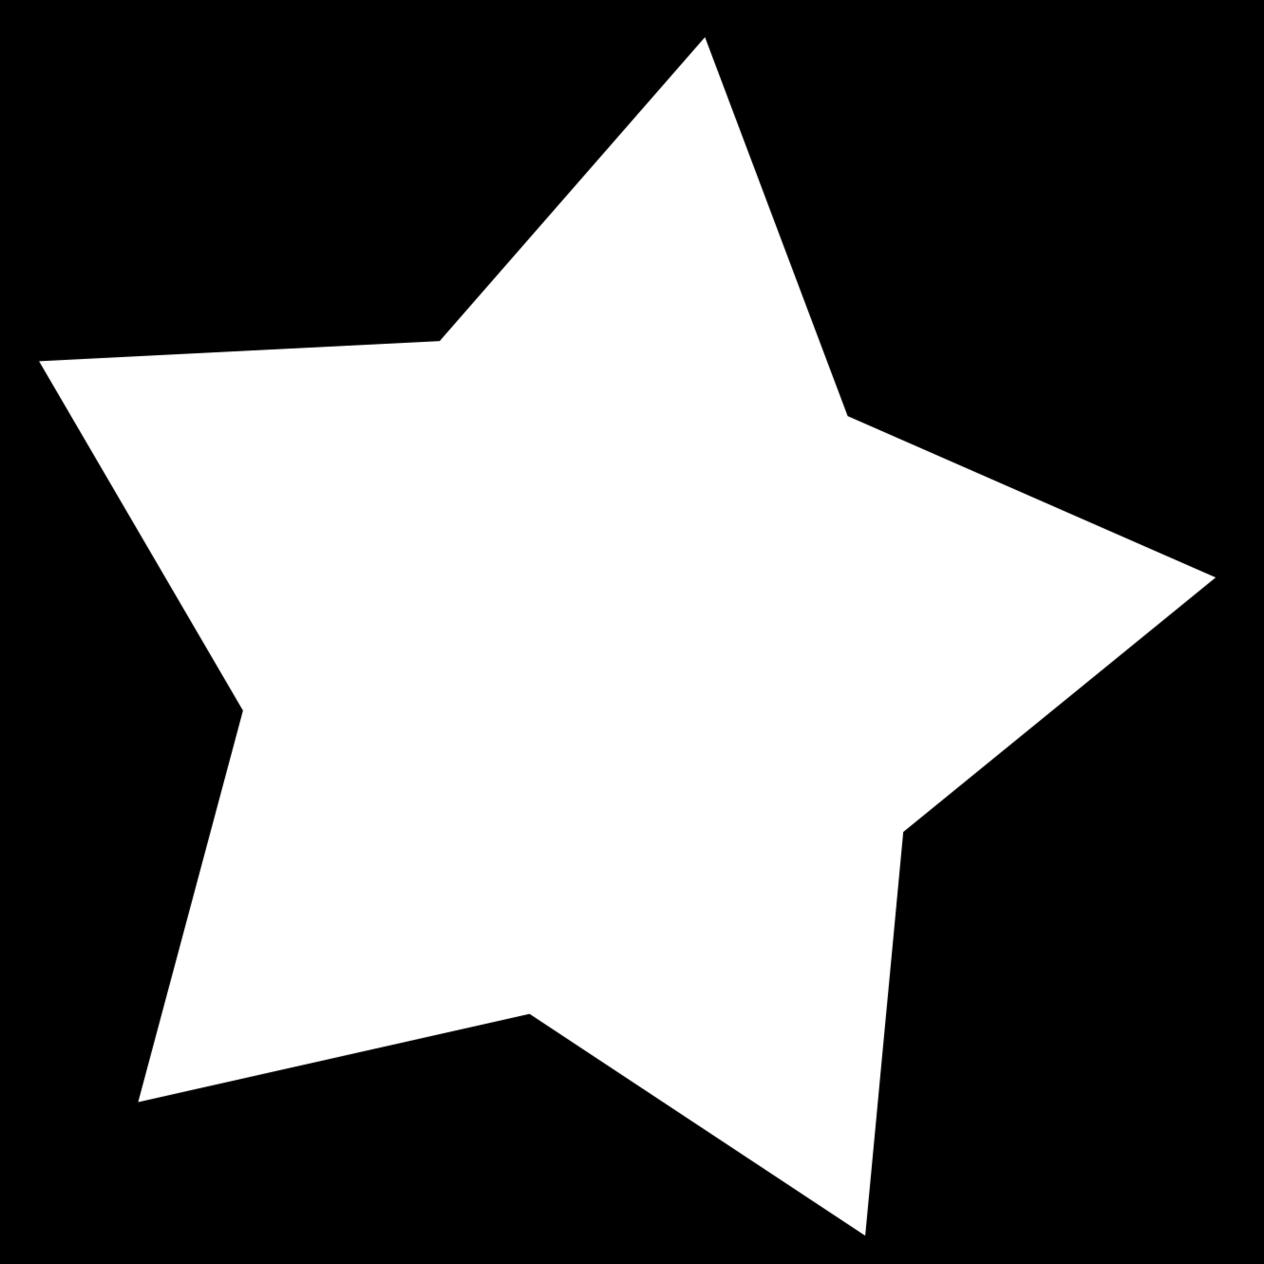 1264x1264 White Star Clipart